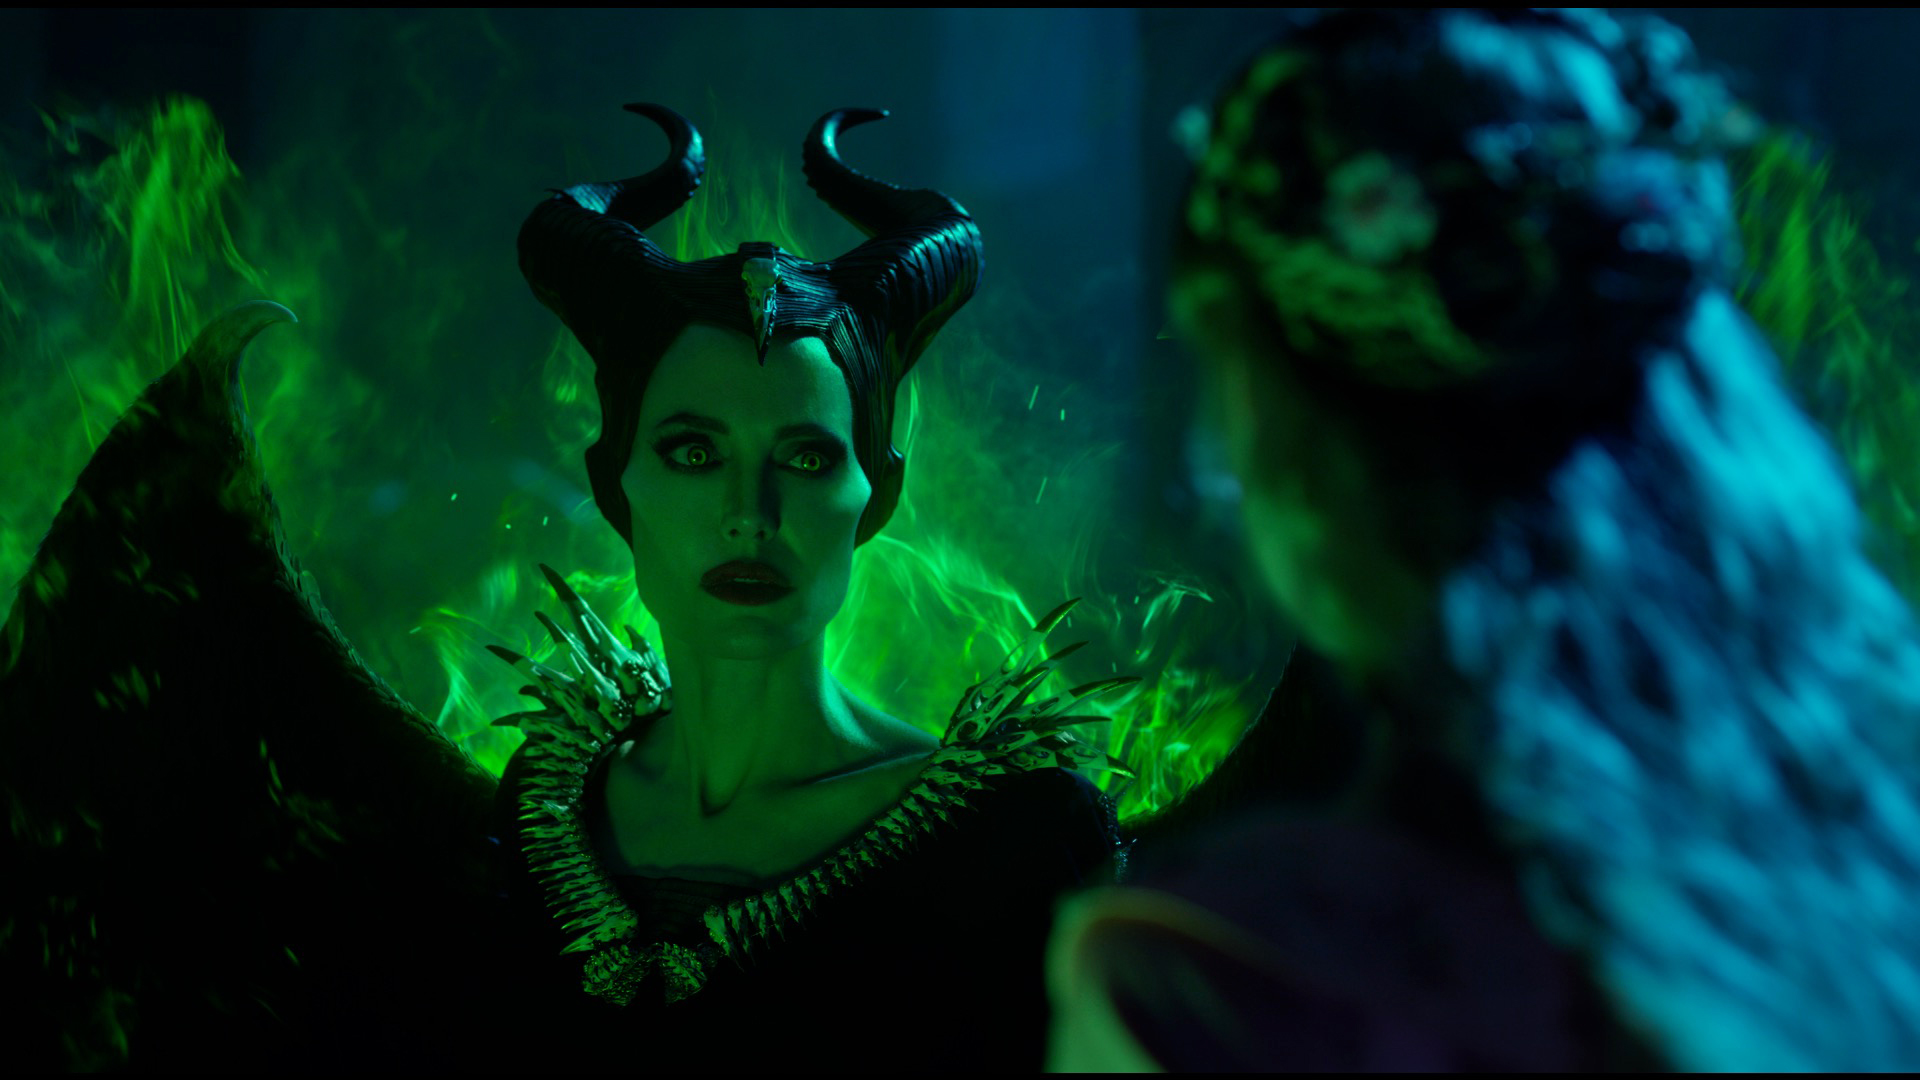 《黑魔女2》裘莉銀幕前大戰美魔女 幕後攜手菲佛遊城堡宛如小粉絲